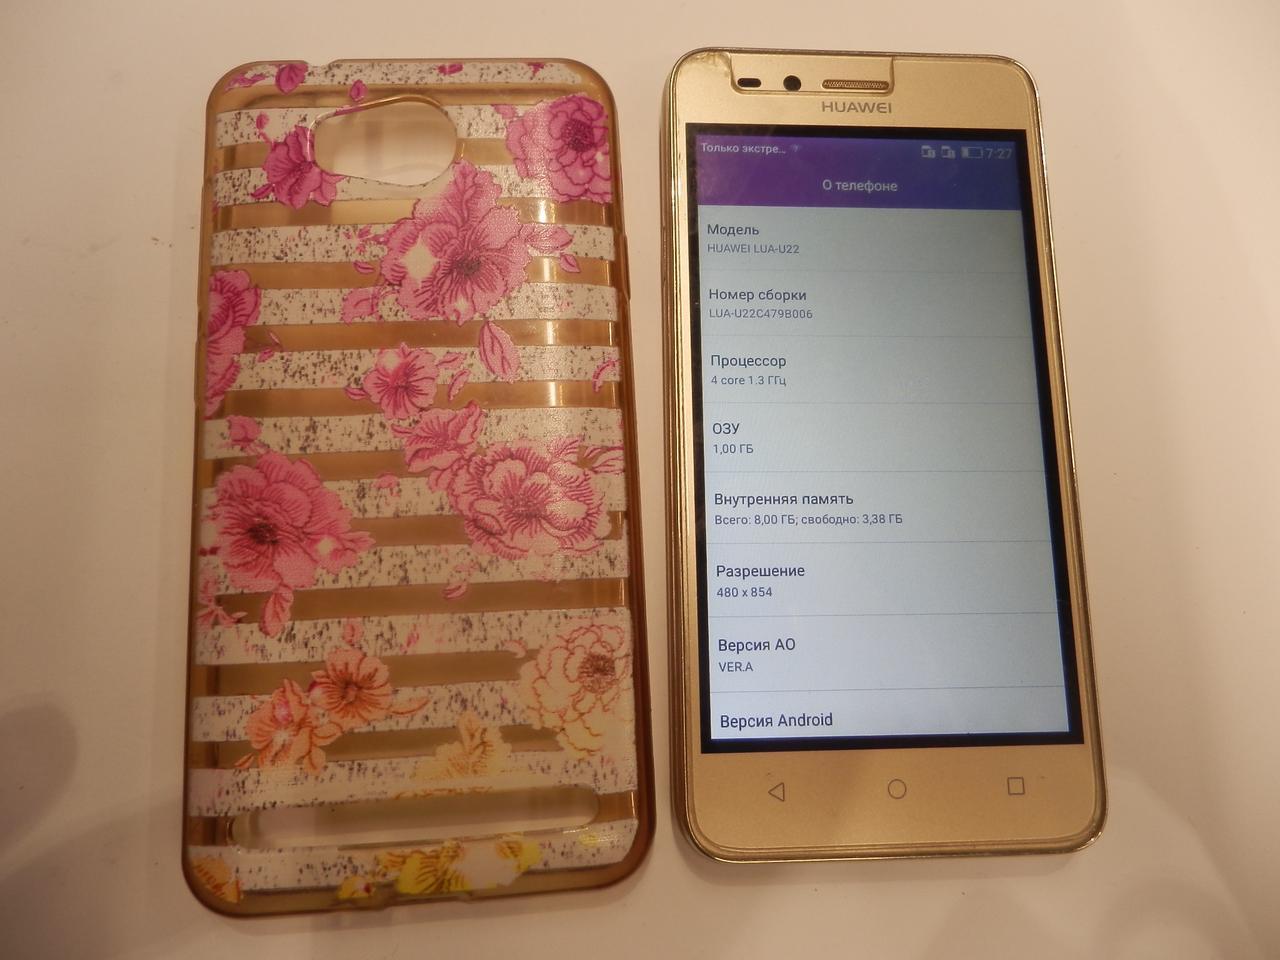 Мобильный телефон Huawei Y3 II U22 187ВР